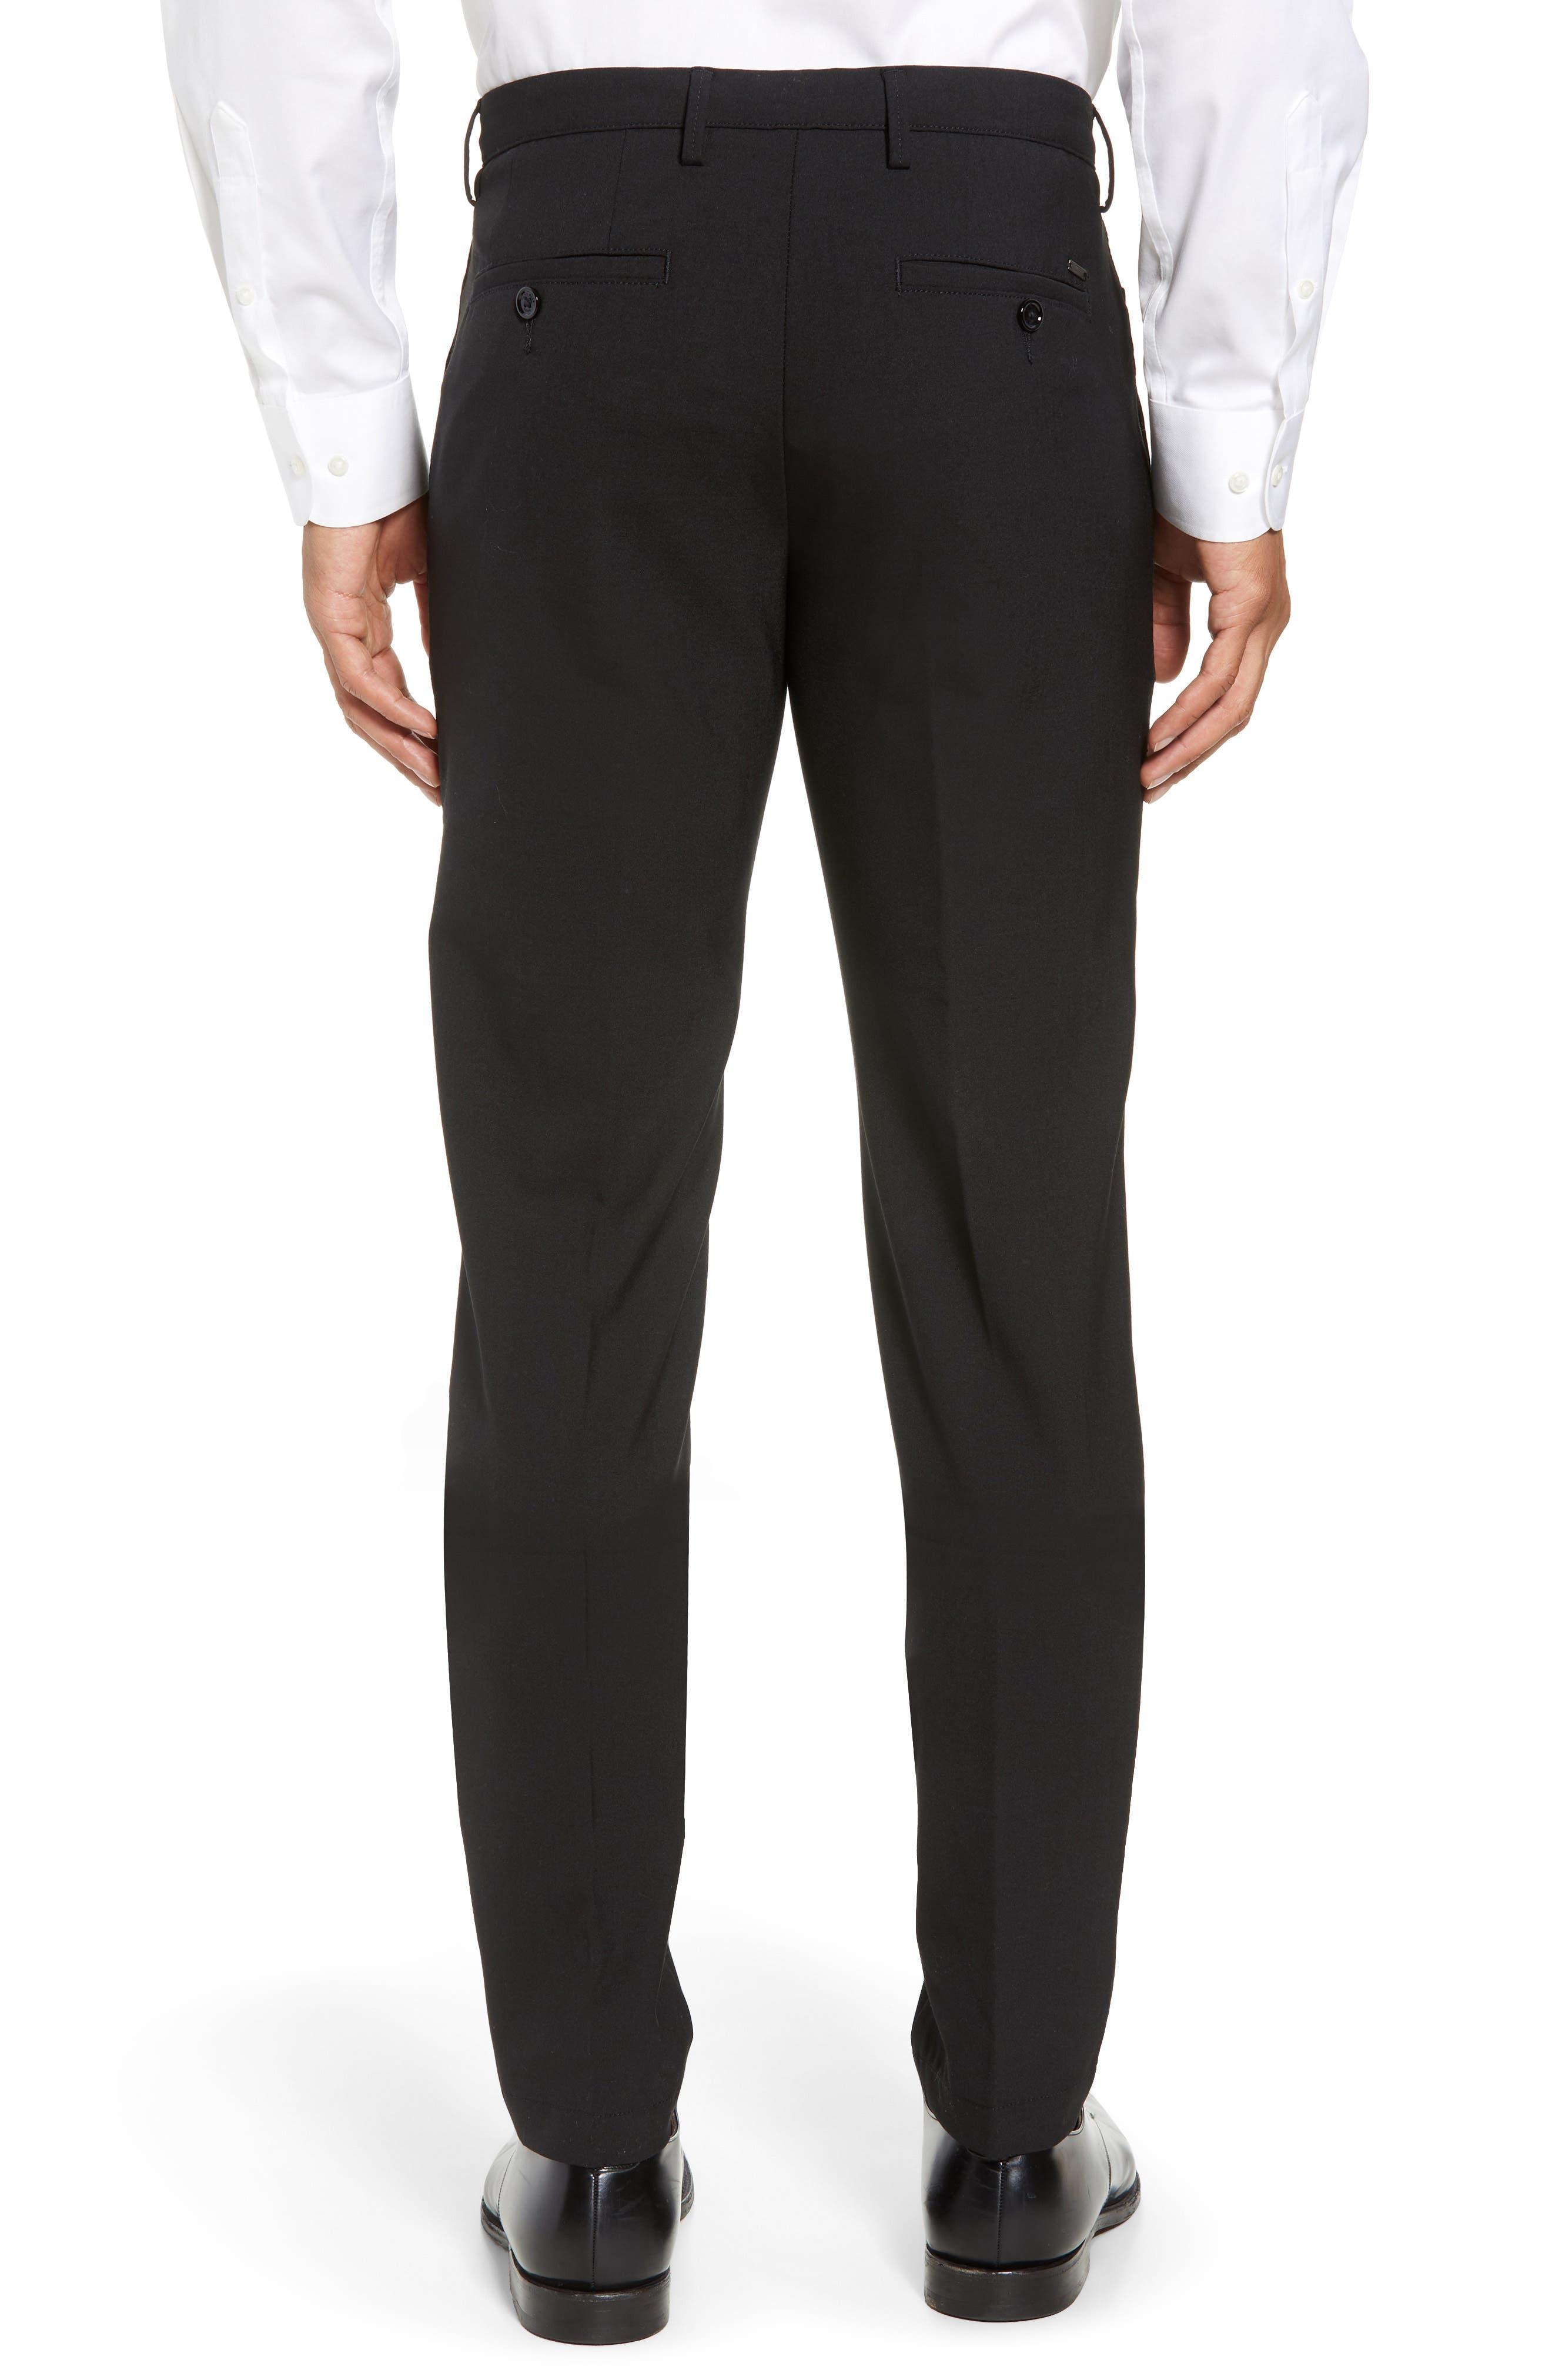 Kaito Slim Fit Trousers,                             Alternate thumbnail 2, color,                             Black